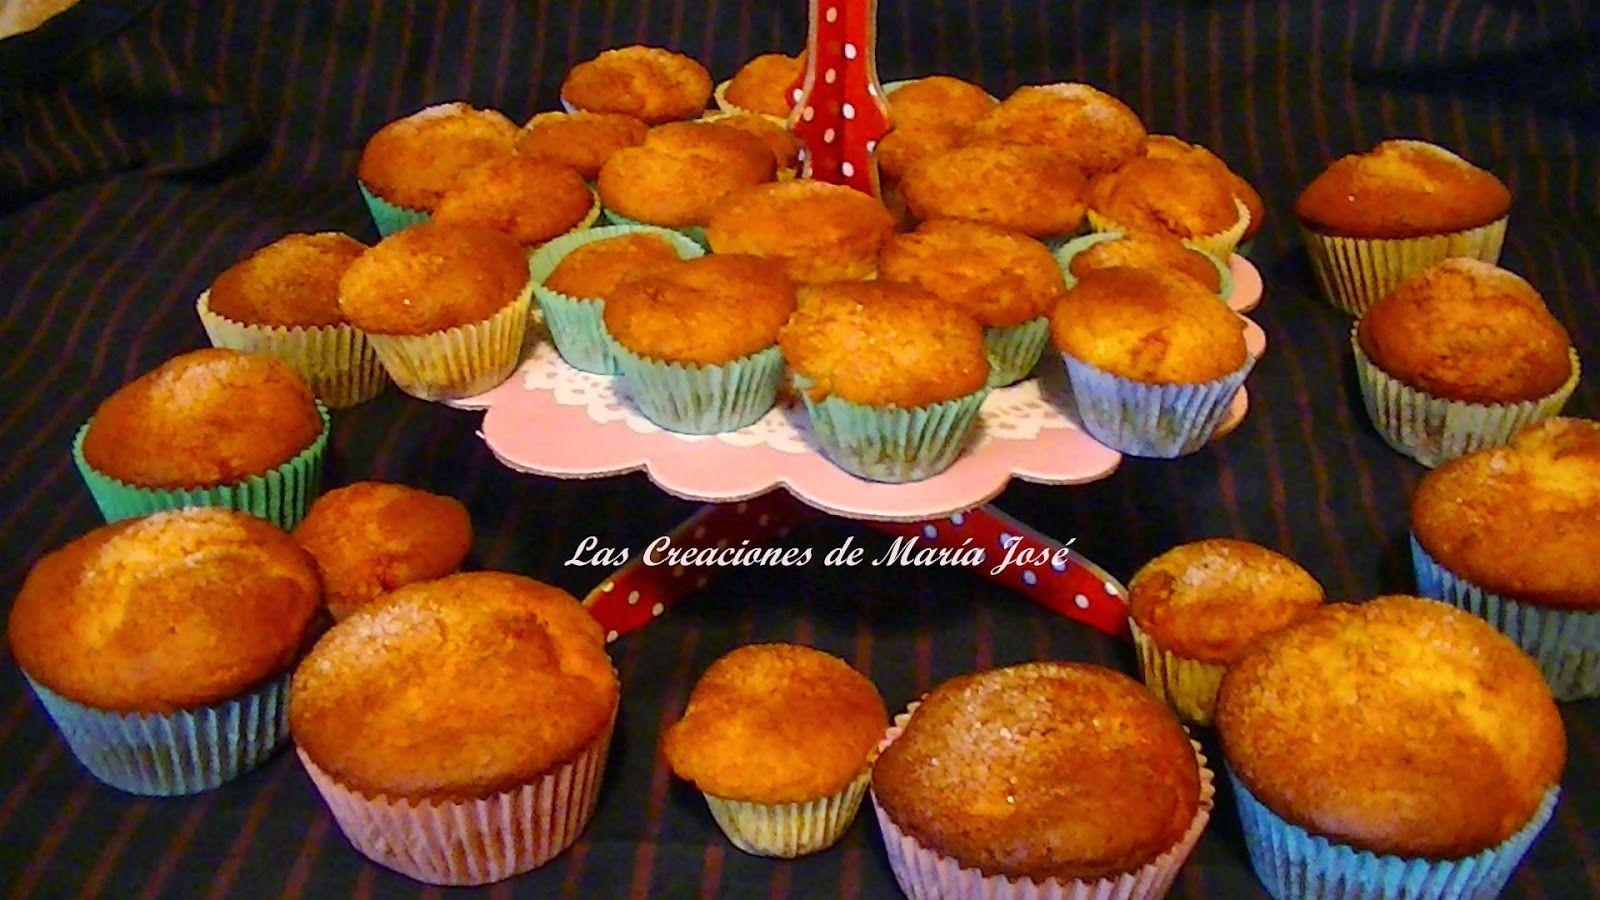 Las Creaciones de María José: MAGDALENAS IBERICAS http://mariajoseysuscreaciones.blogspot.com.es/2014/03/magdalenas-ibericas.html